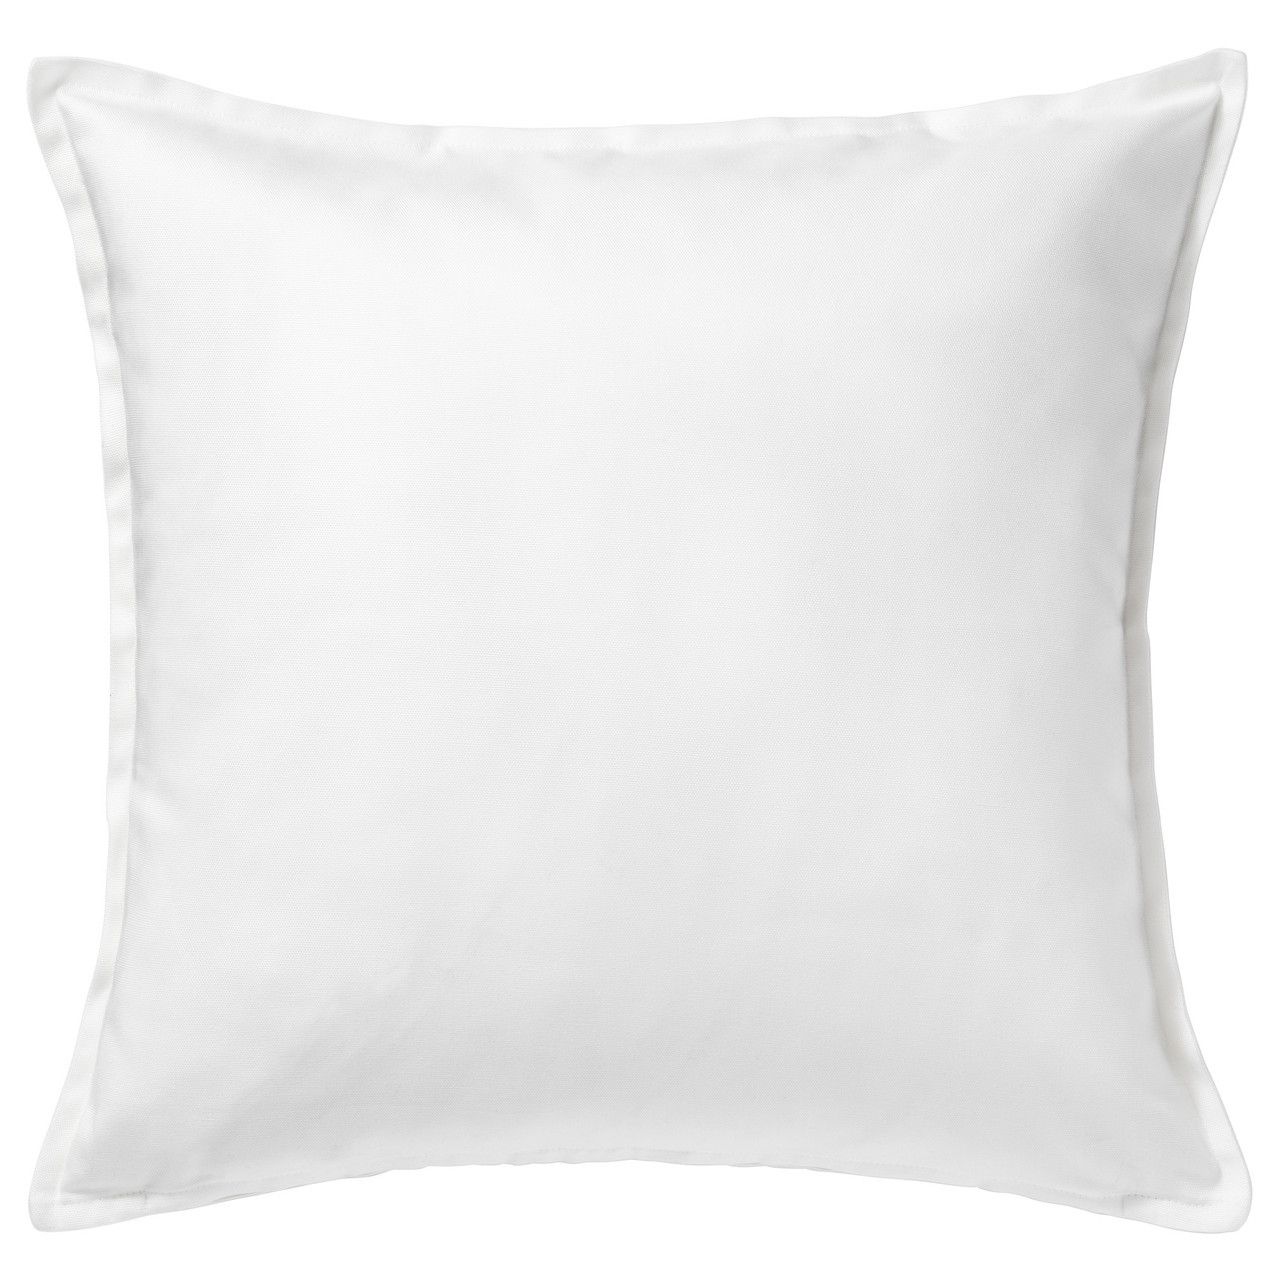 ГУРЛИ Наволочка на подушку, белый, 50x50 см 30281150 IKEA, ИКЕА, GURLI